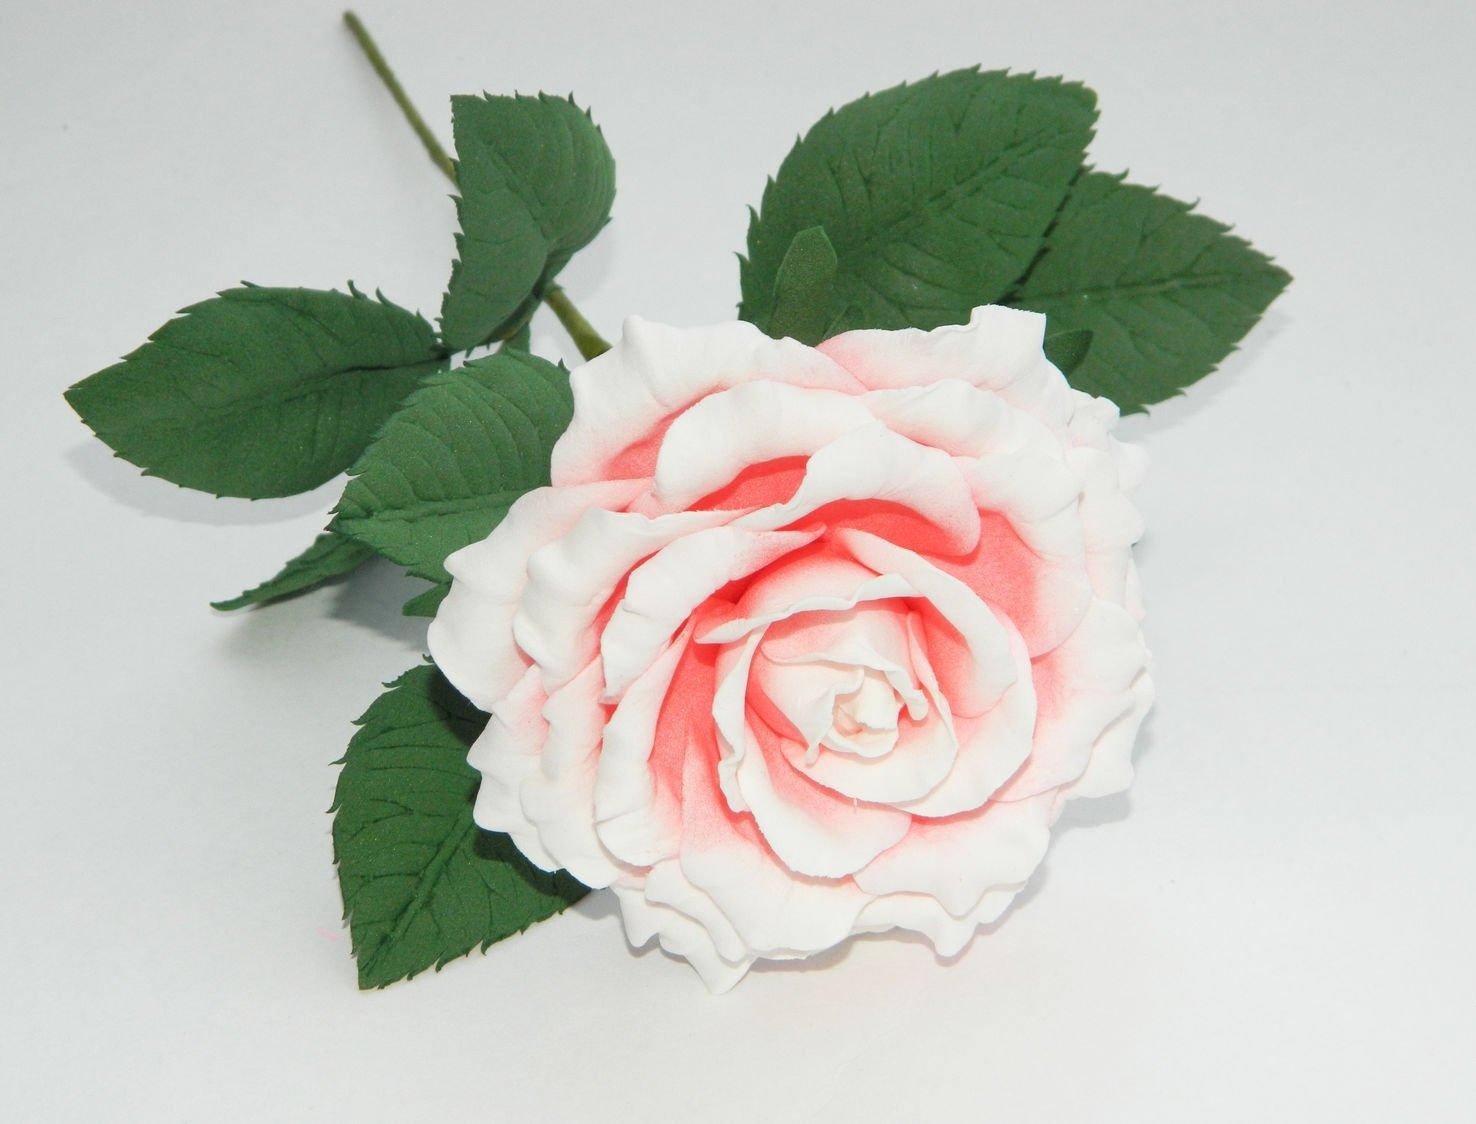 фотографии розы из фома фото мк сильное